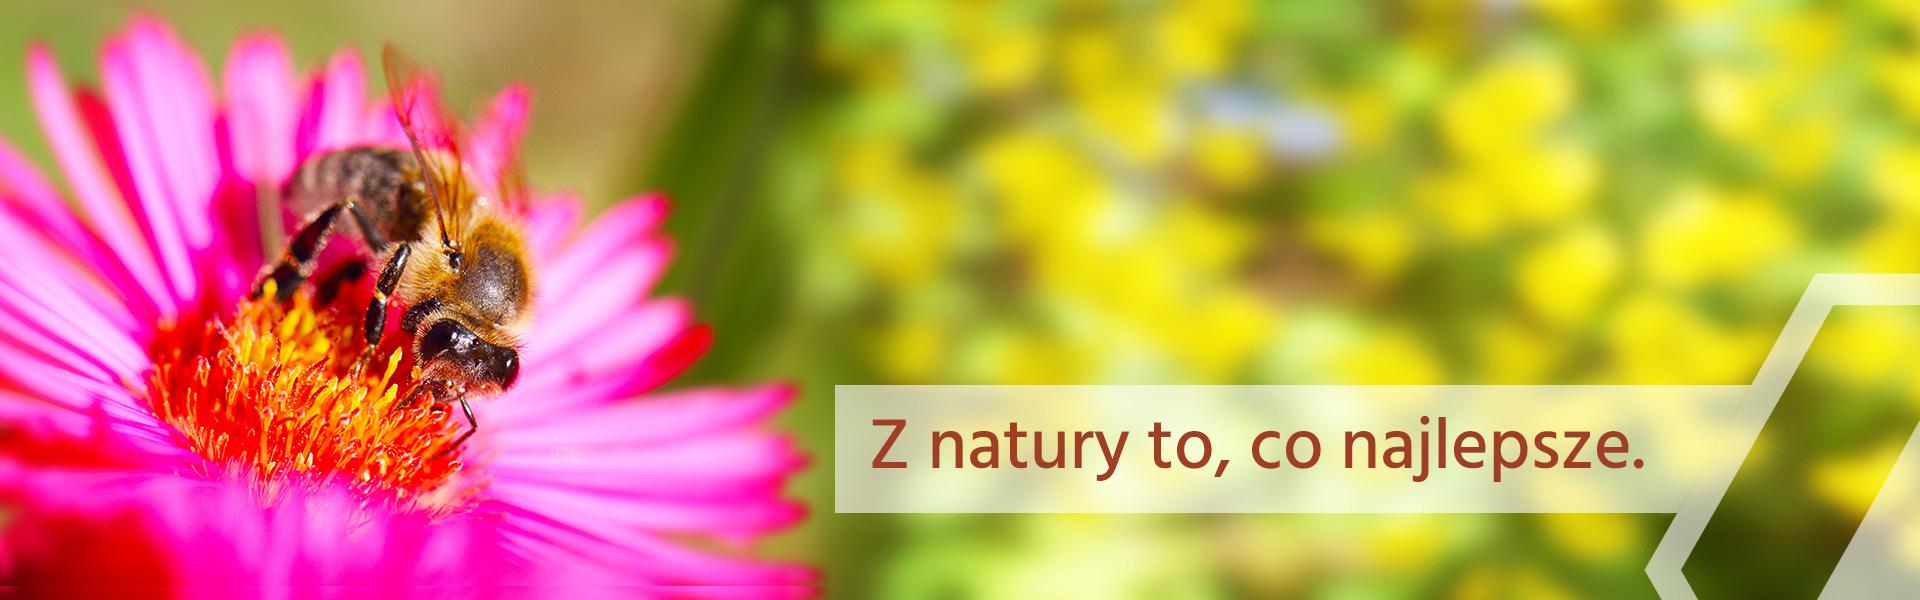 Z natury to, co najlepsze.